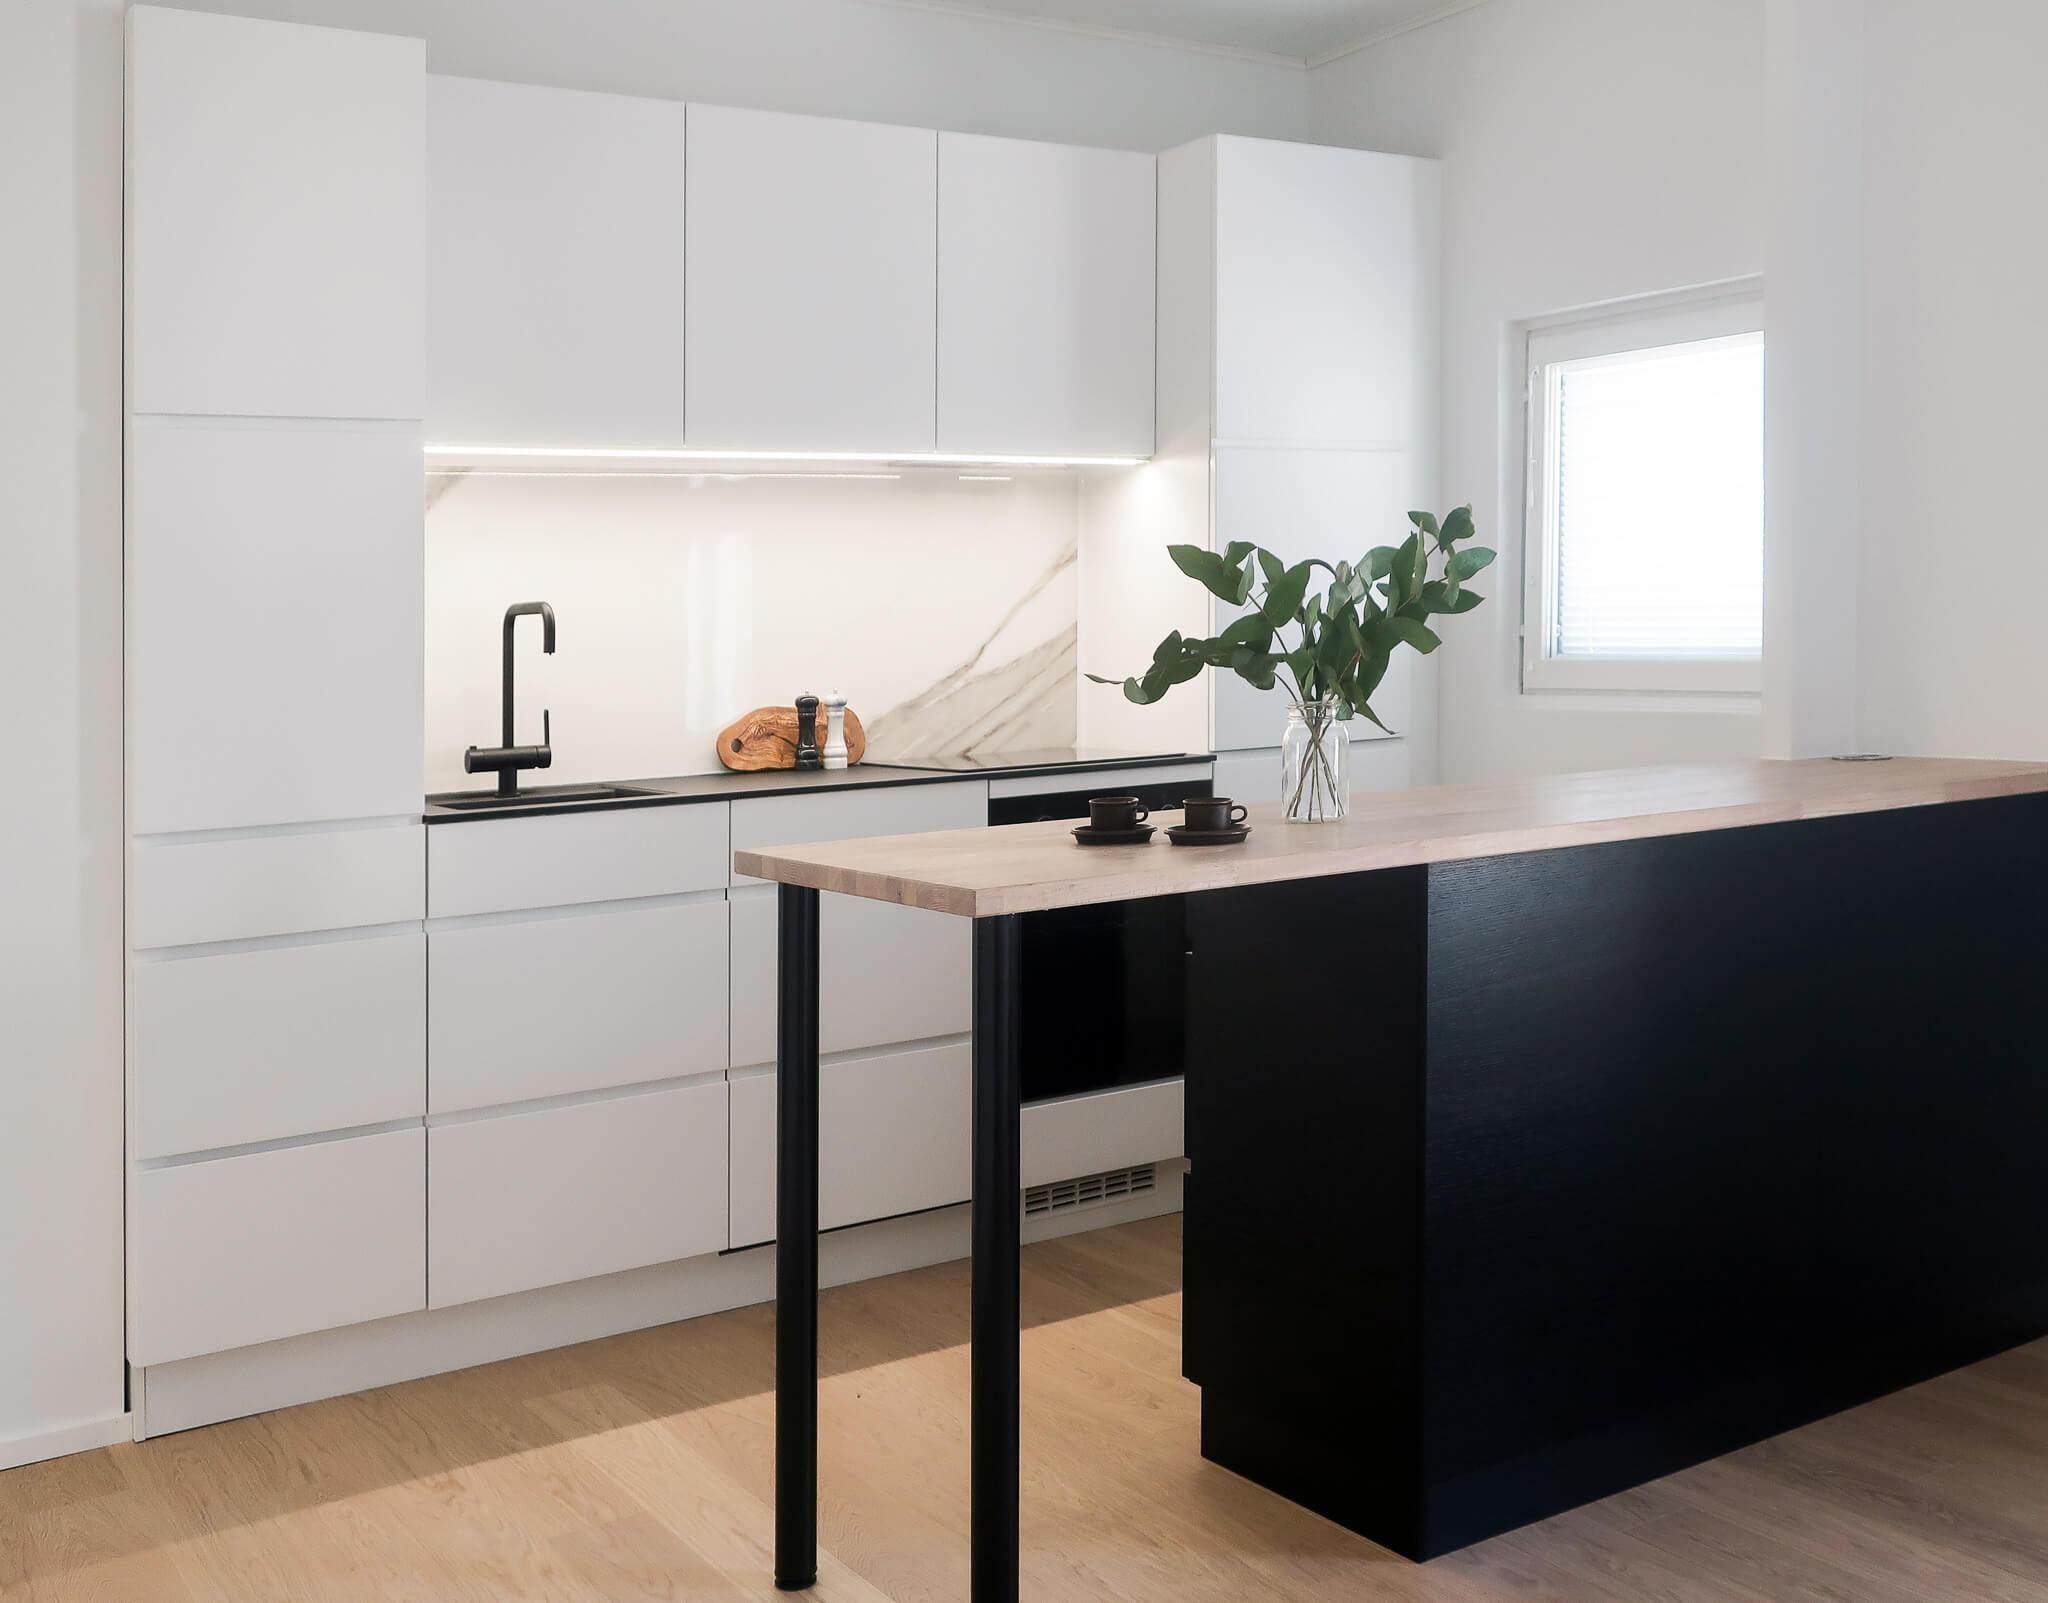 Kvik keittiö, sisustussuunnittelu portfolio, sisustussuunnittelija Turku